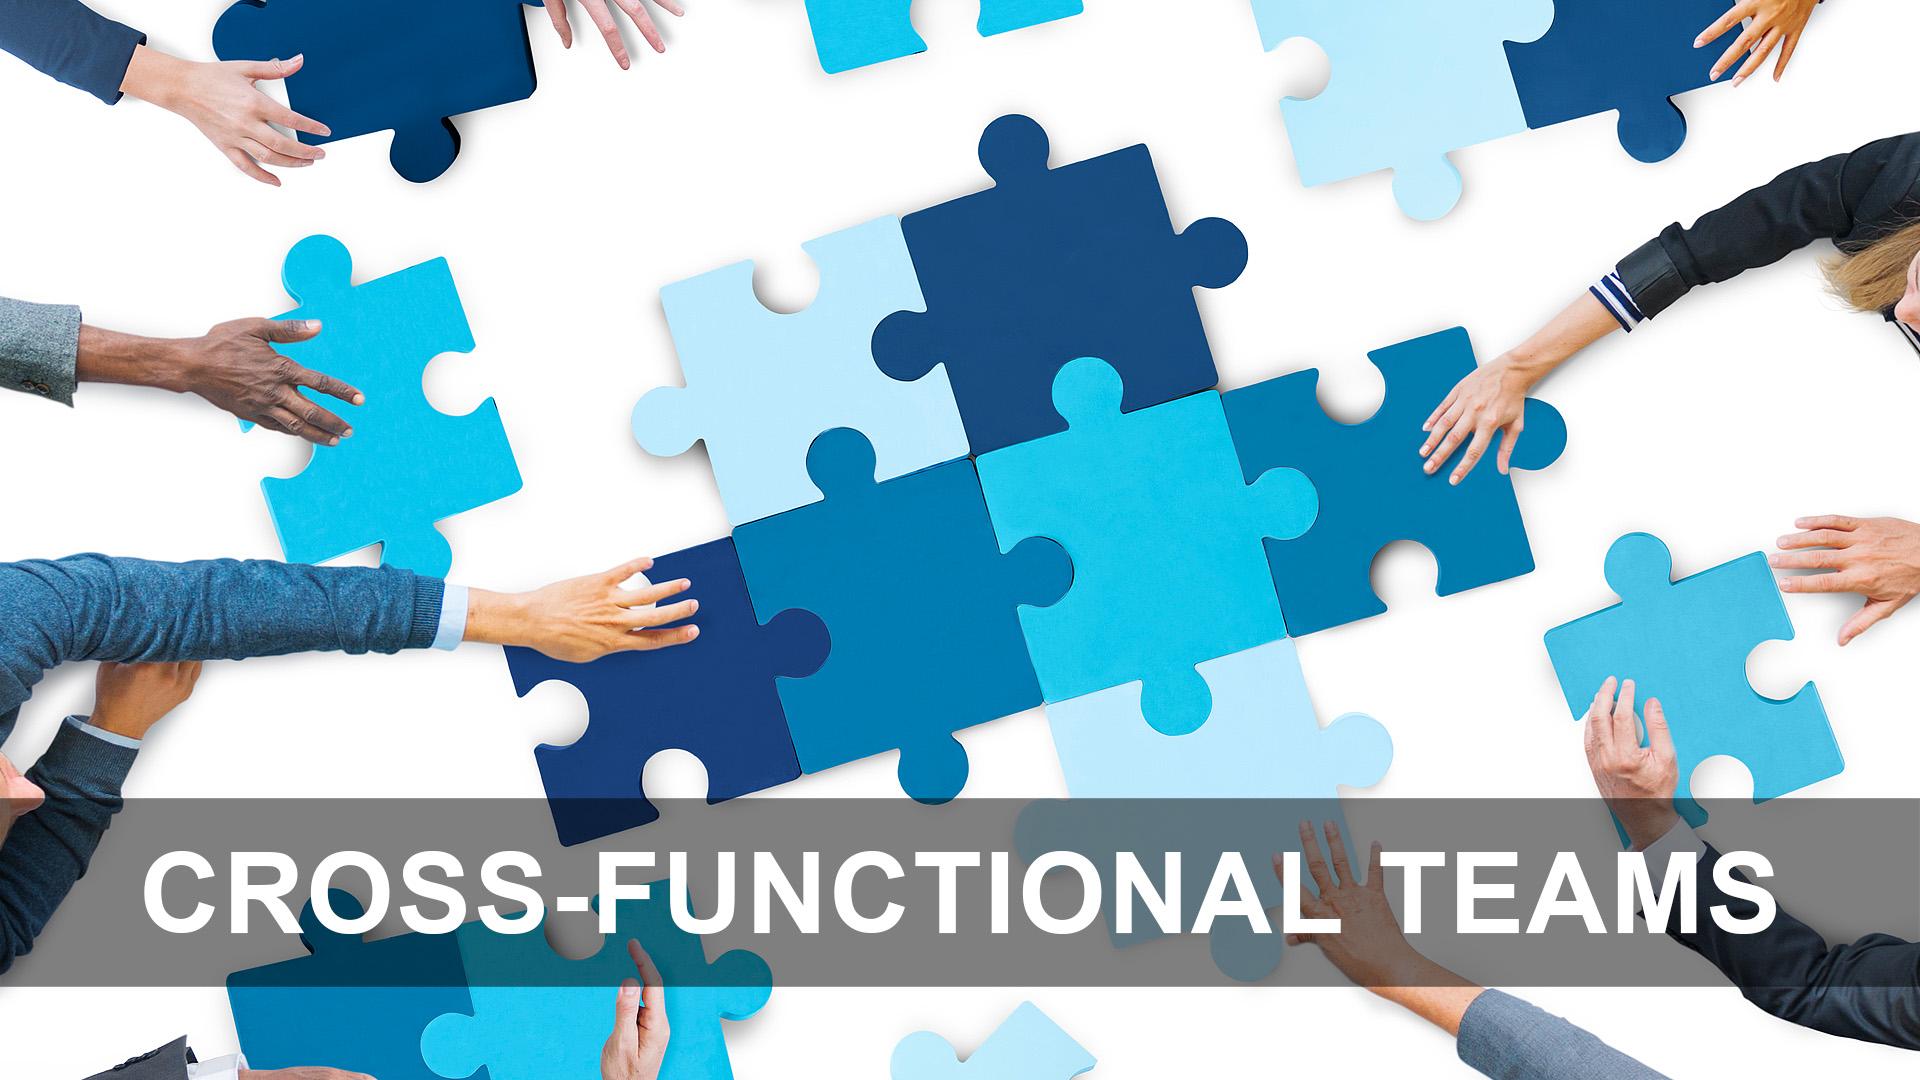 Cross-Functional Teams - KAM.jpg